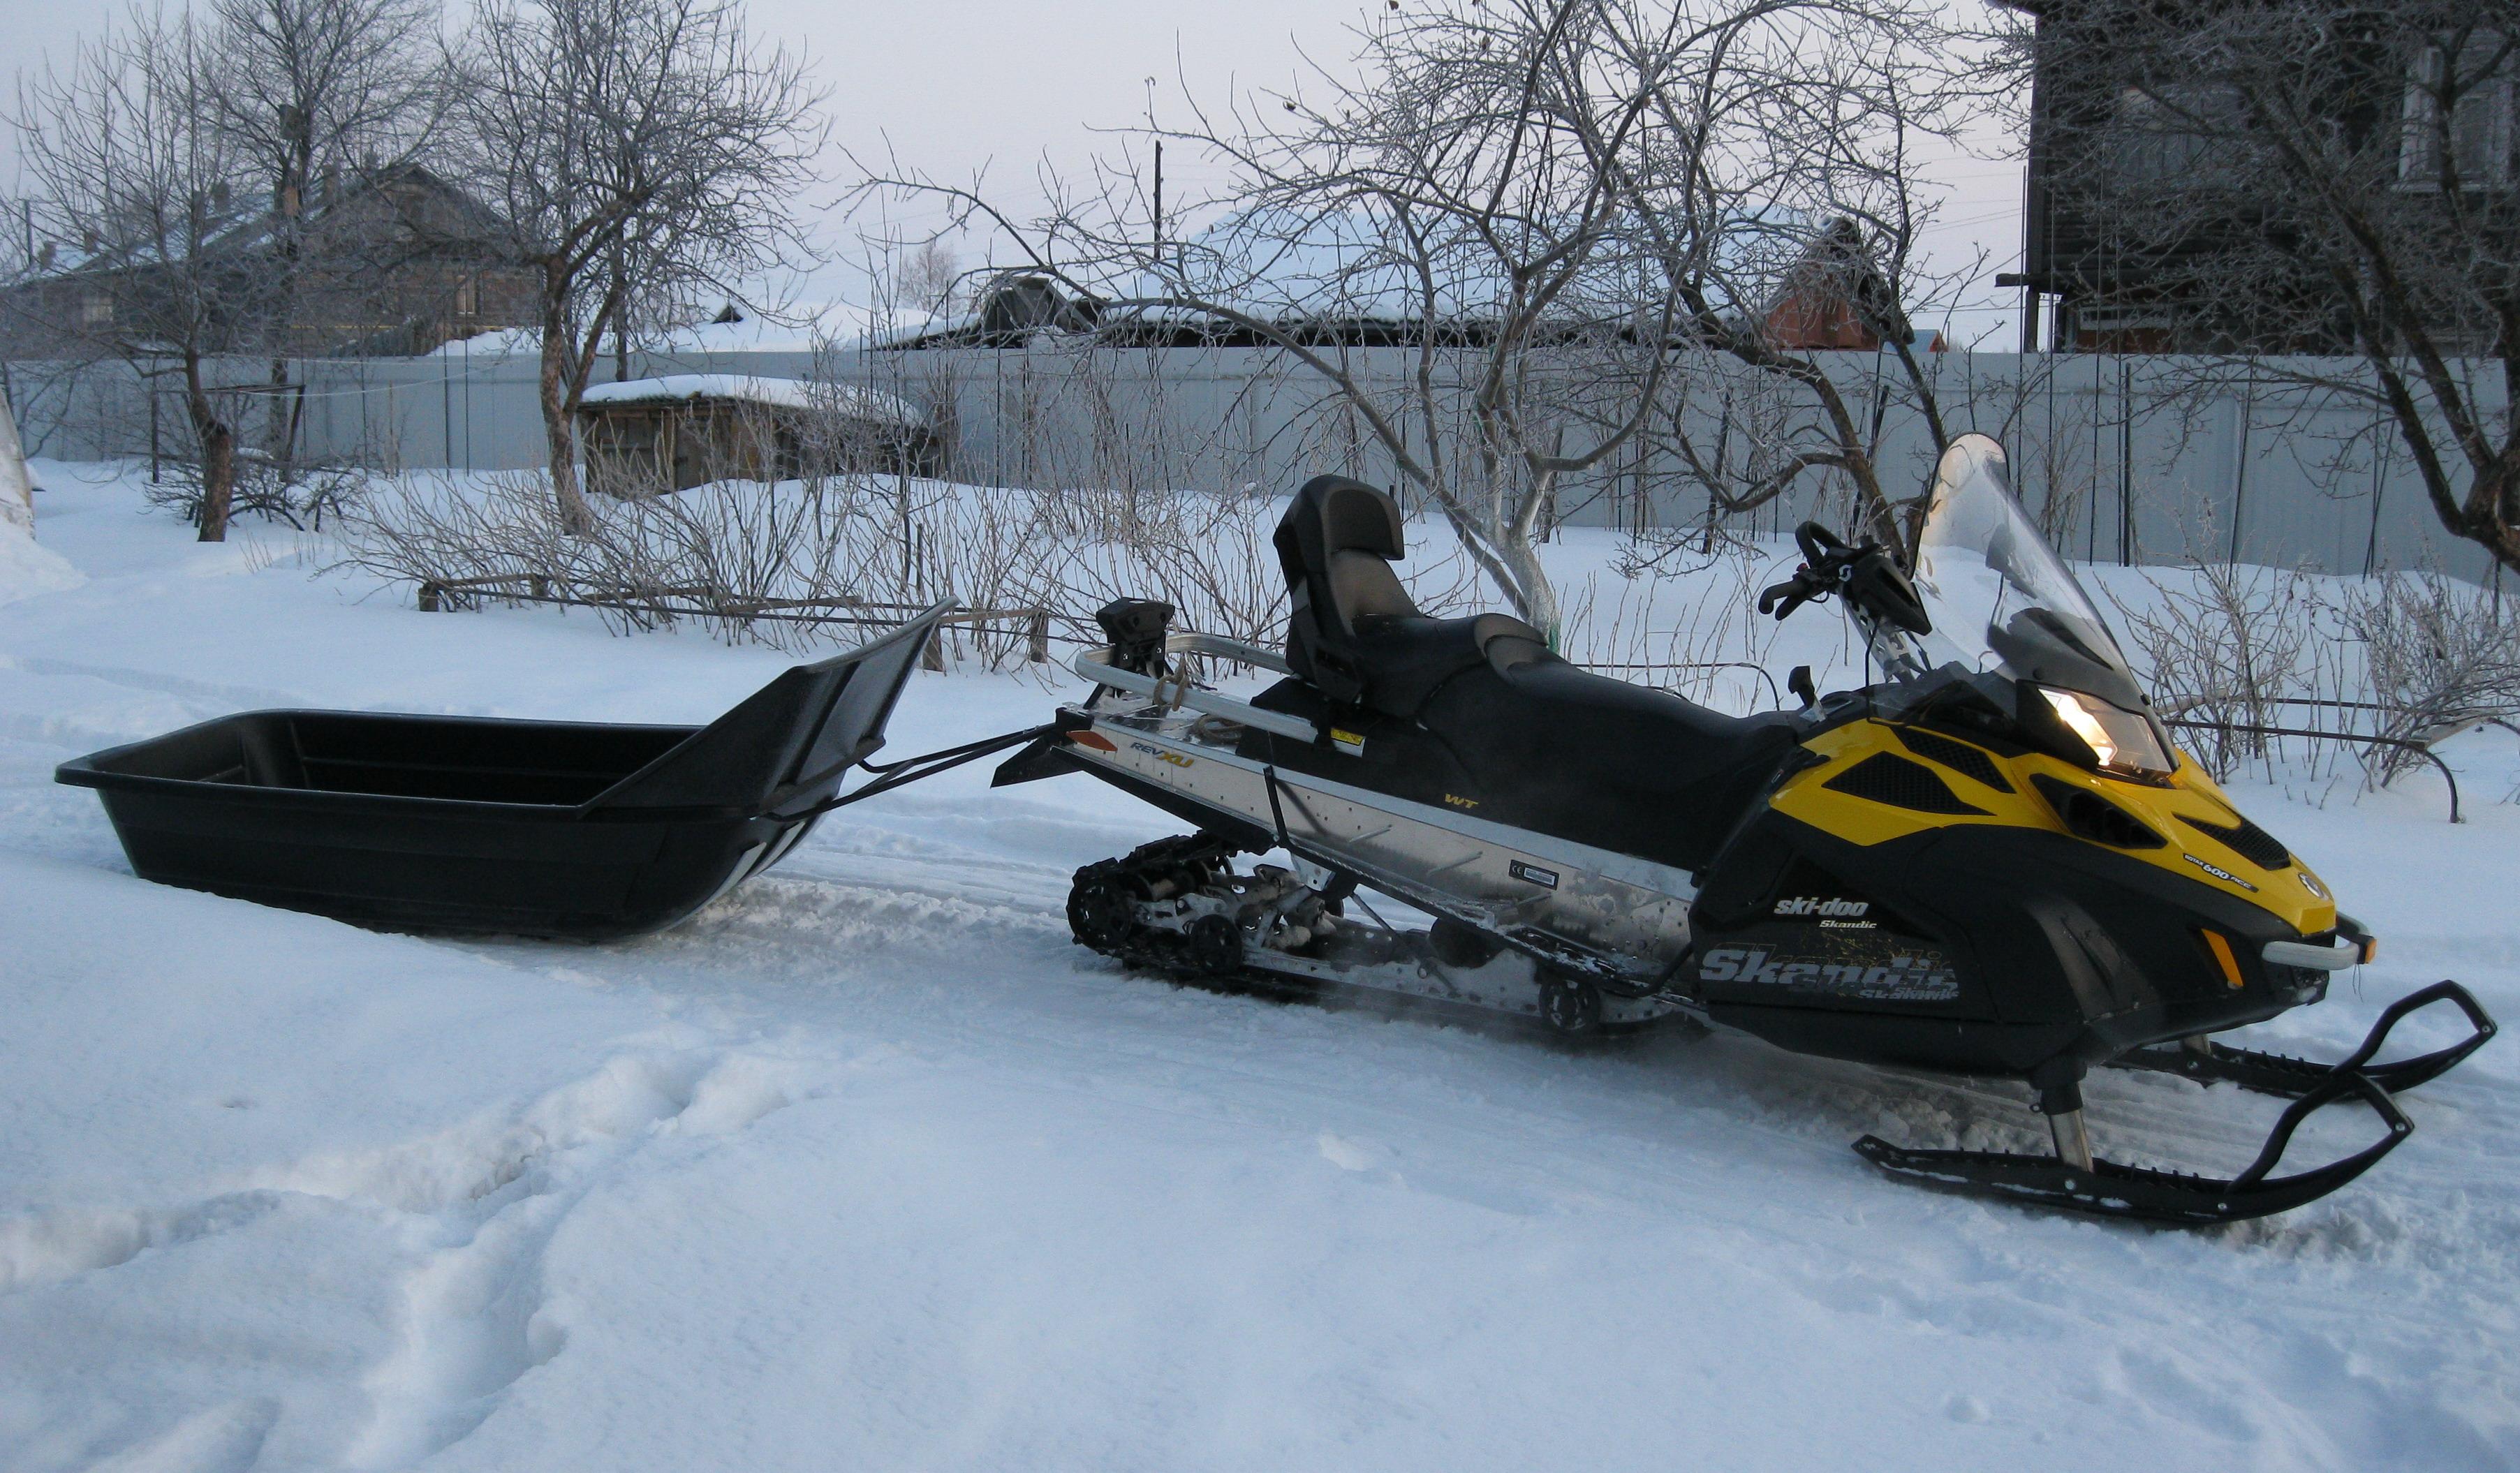 В Вожегодском районе приставы доставили алиметщика в отдел на снегоходе в санях-волокушах